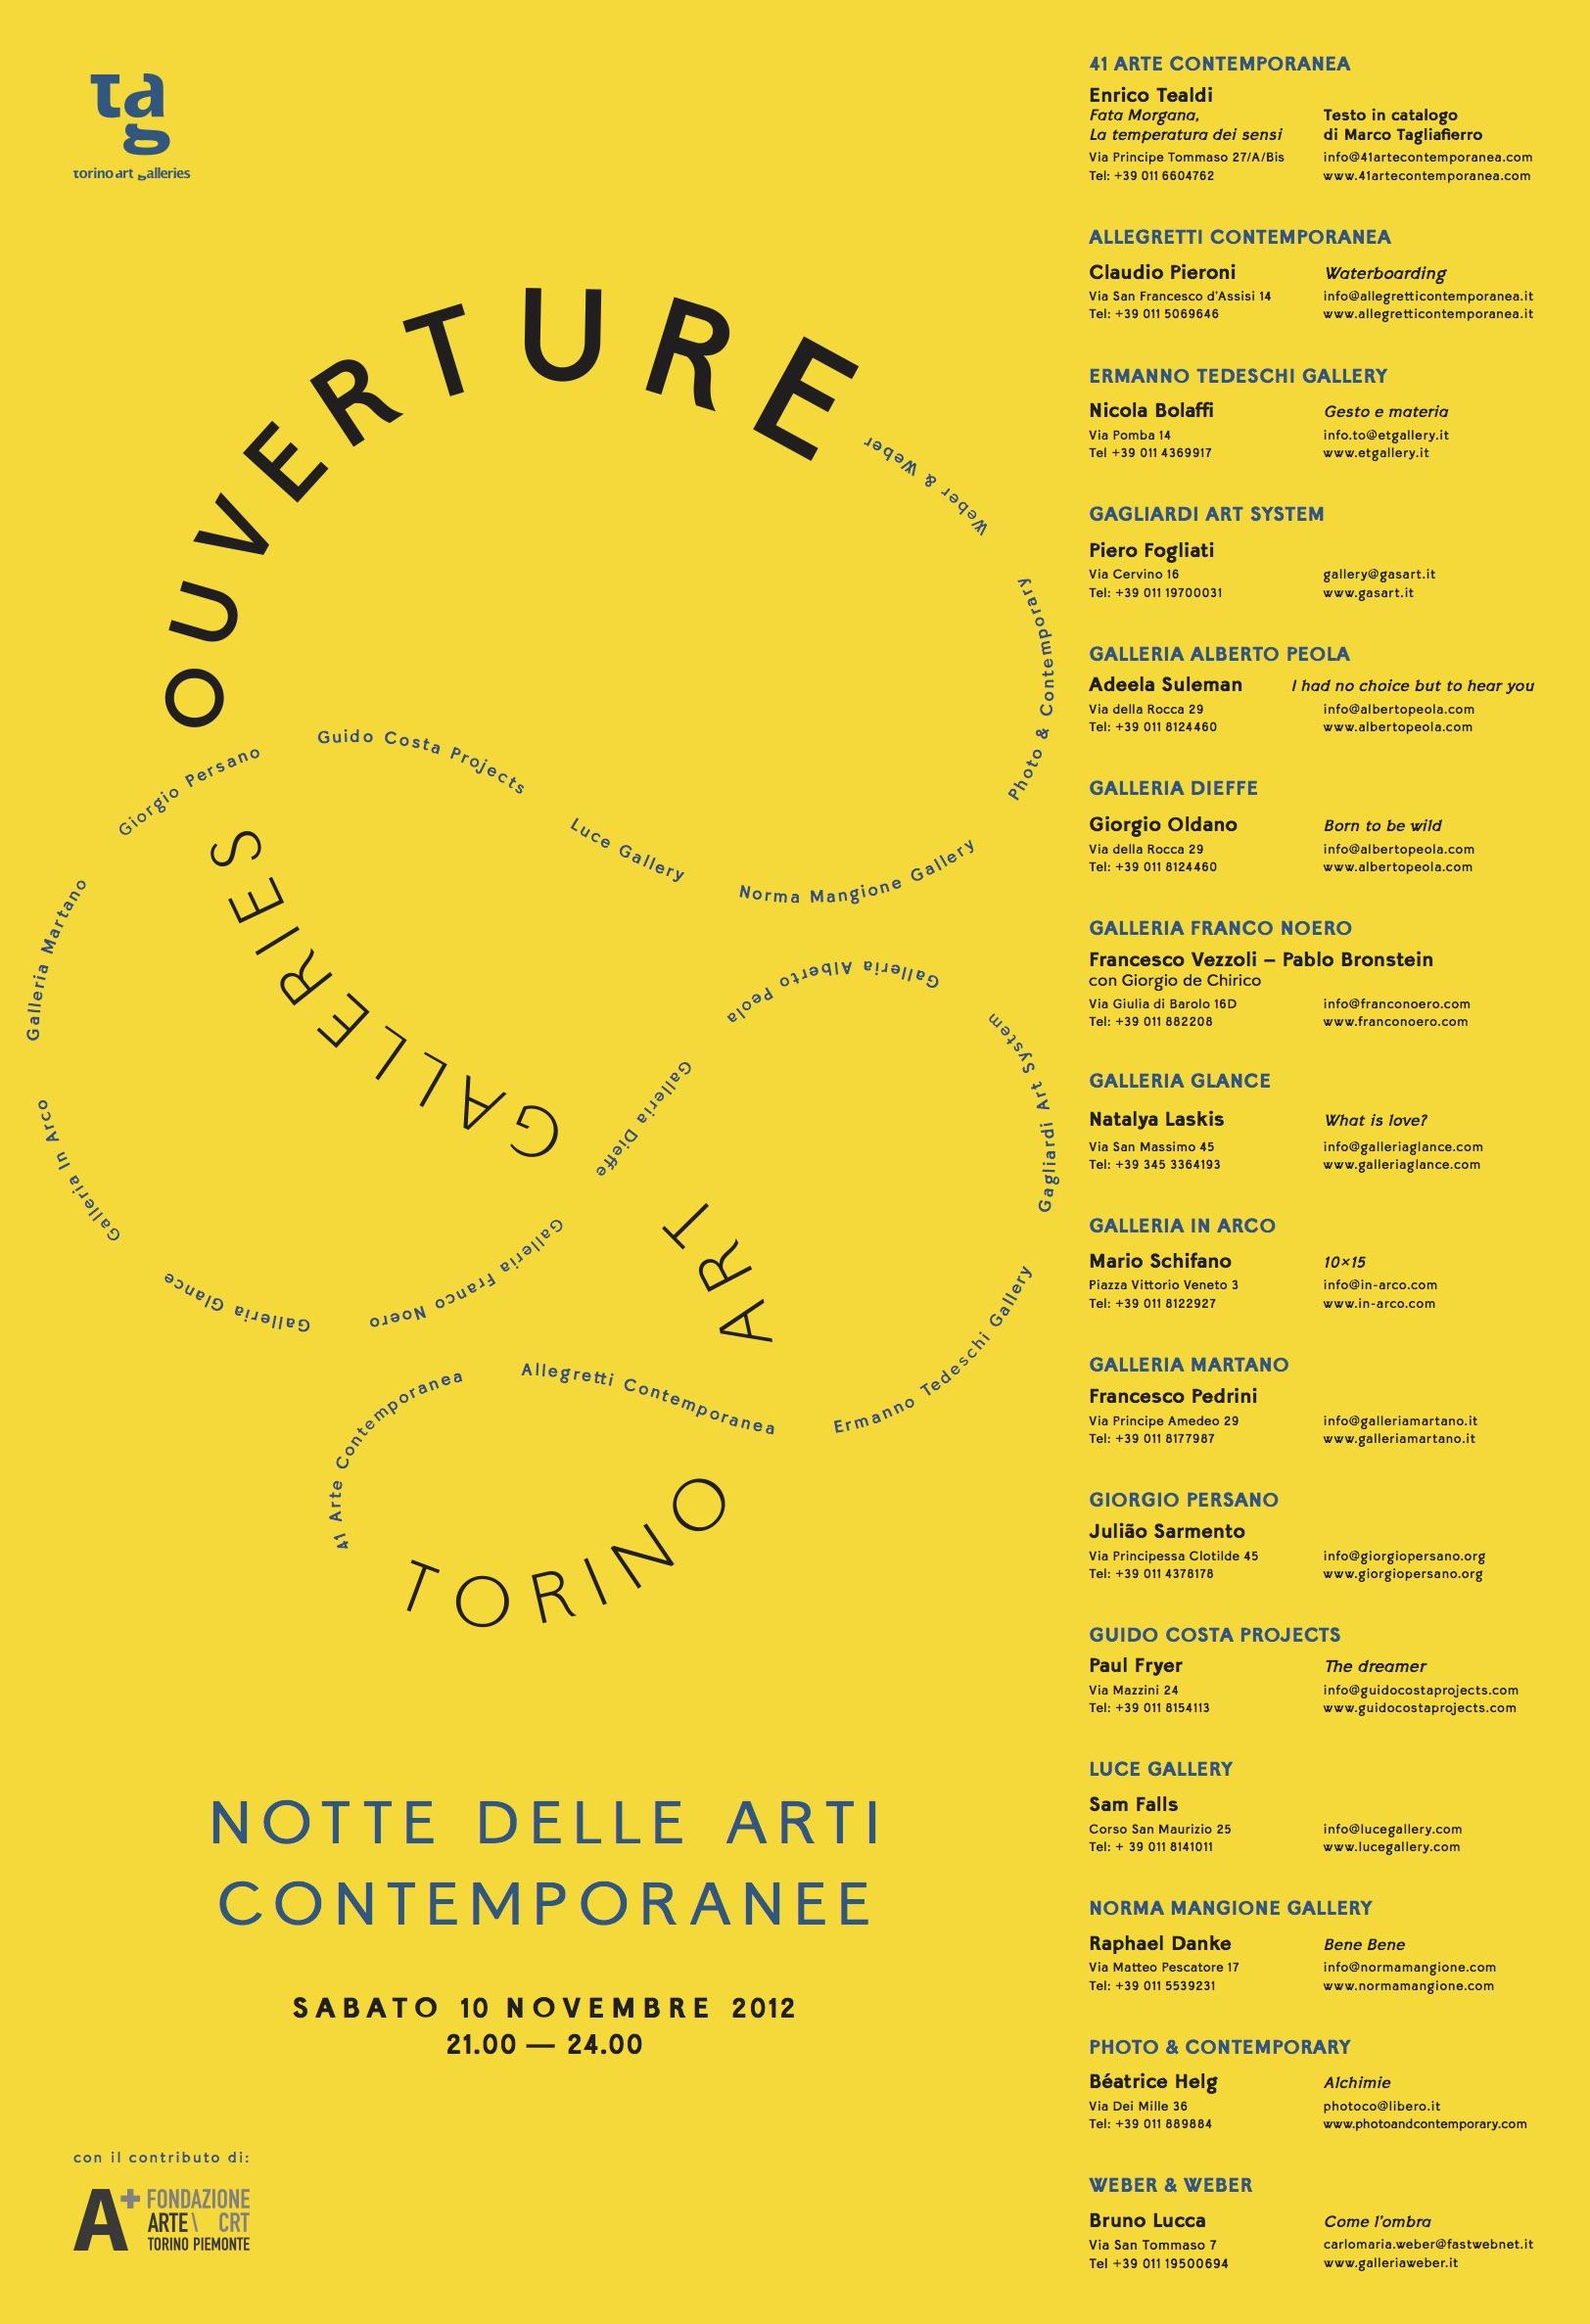 Notte delle arti Contemporanee 2012